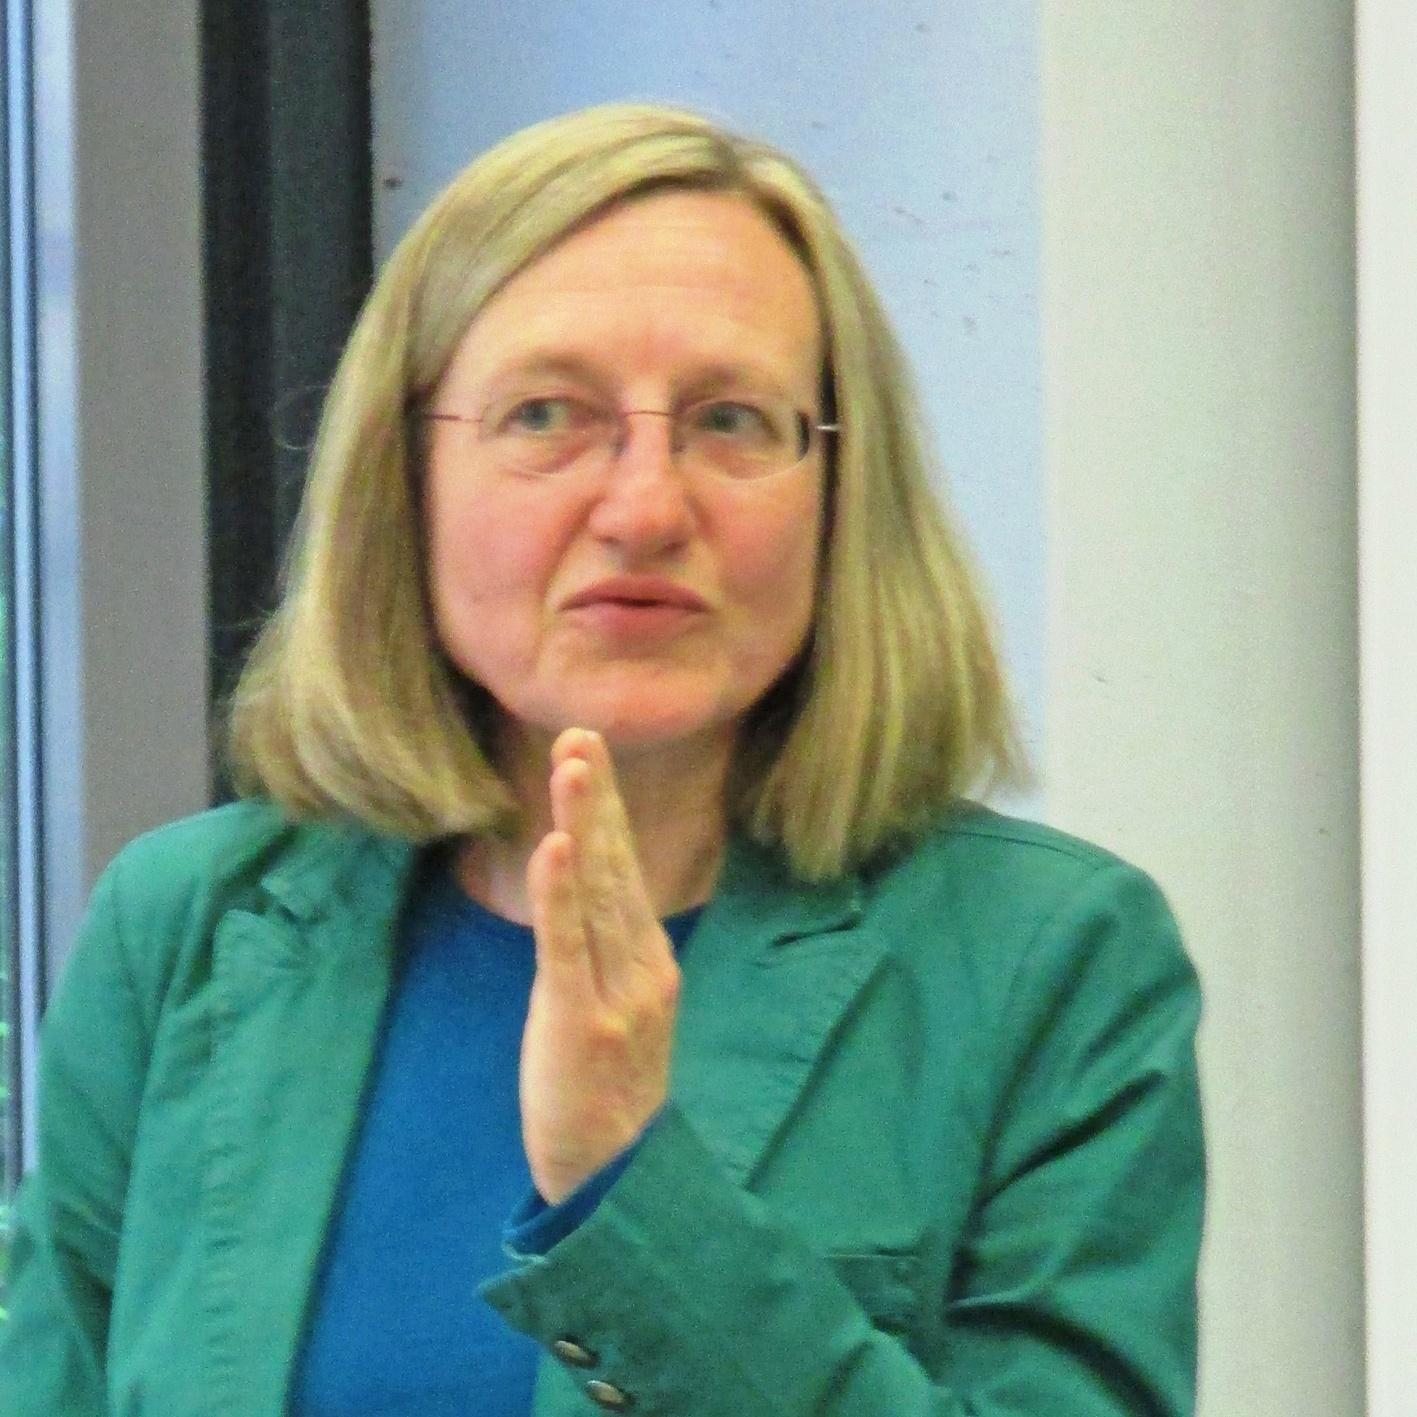 Historikerin Dr. Gabriele Jancke zu Gast in Höxter Vortrag zu Katharina von Bora